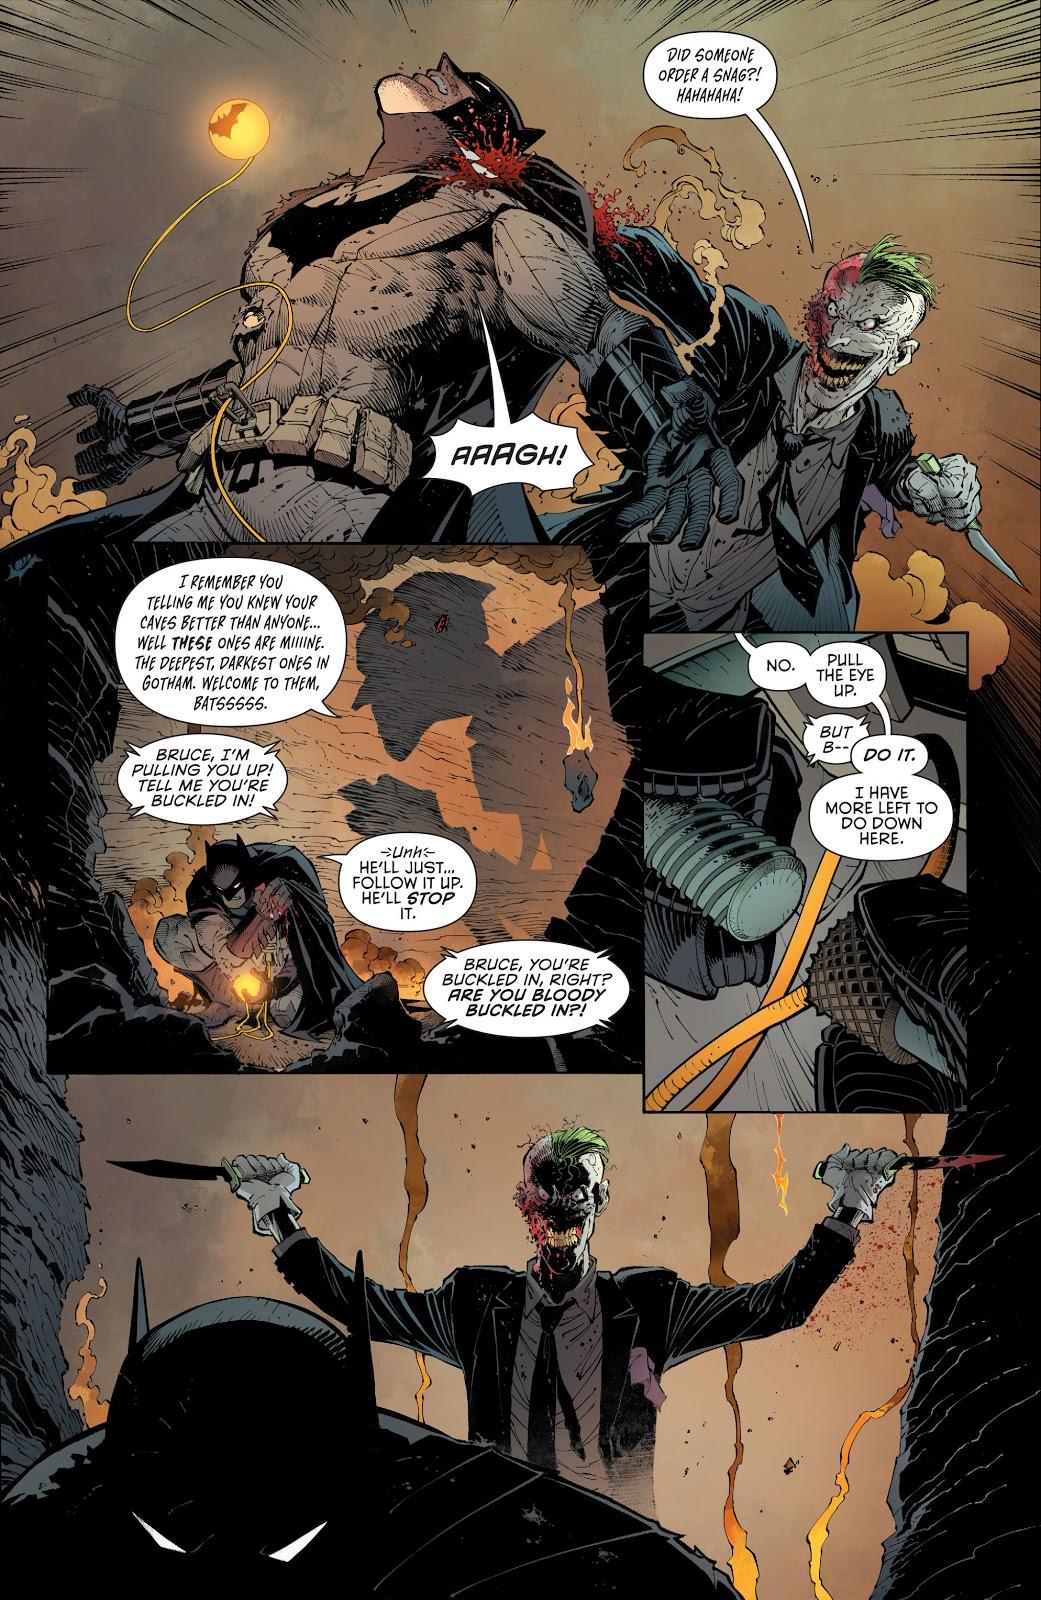 Batman VS The Joker (Endgame)